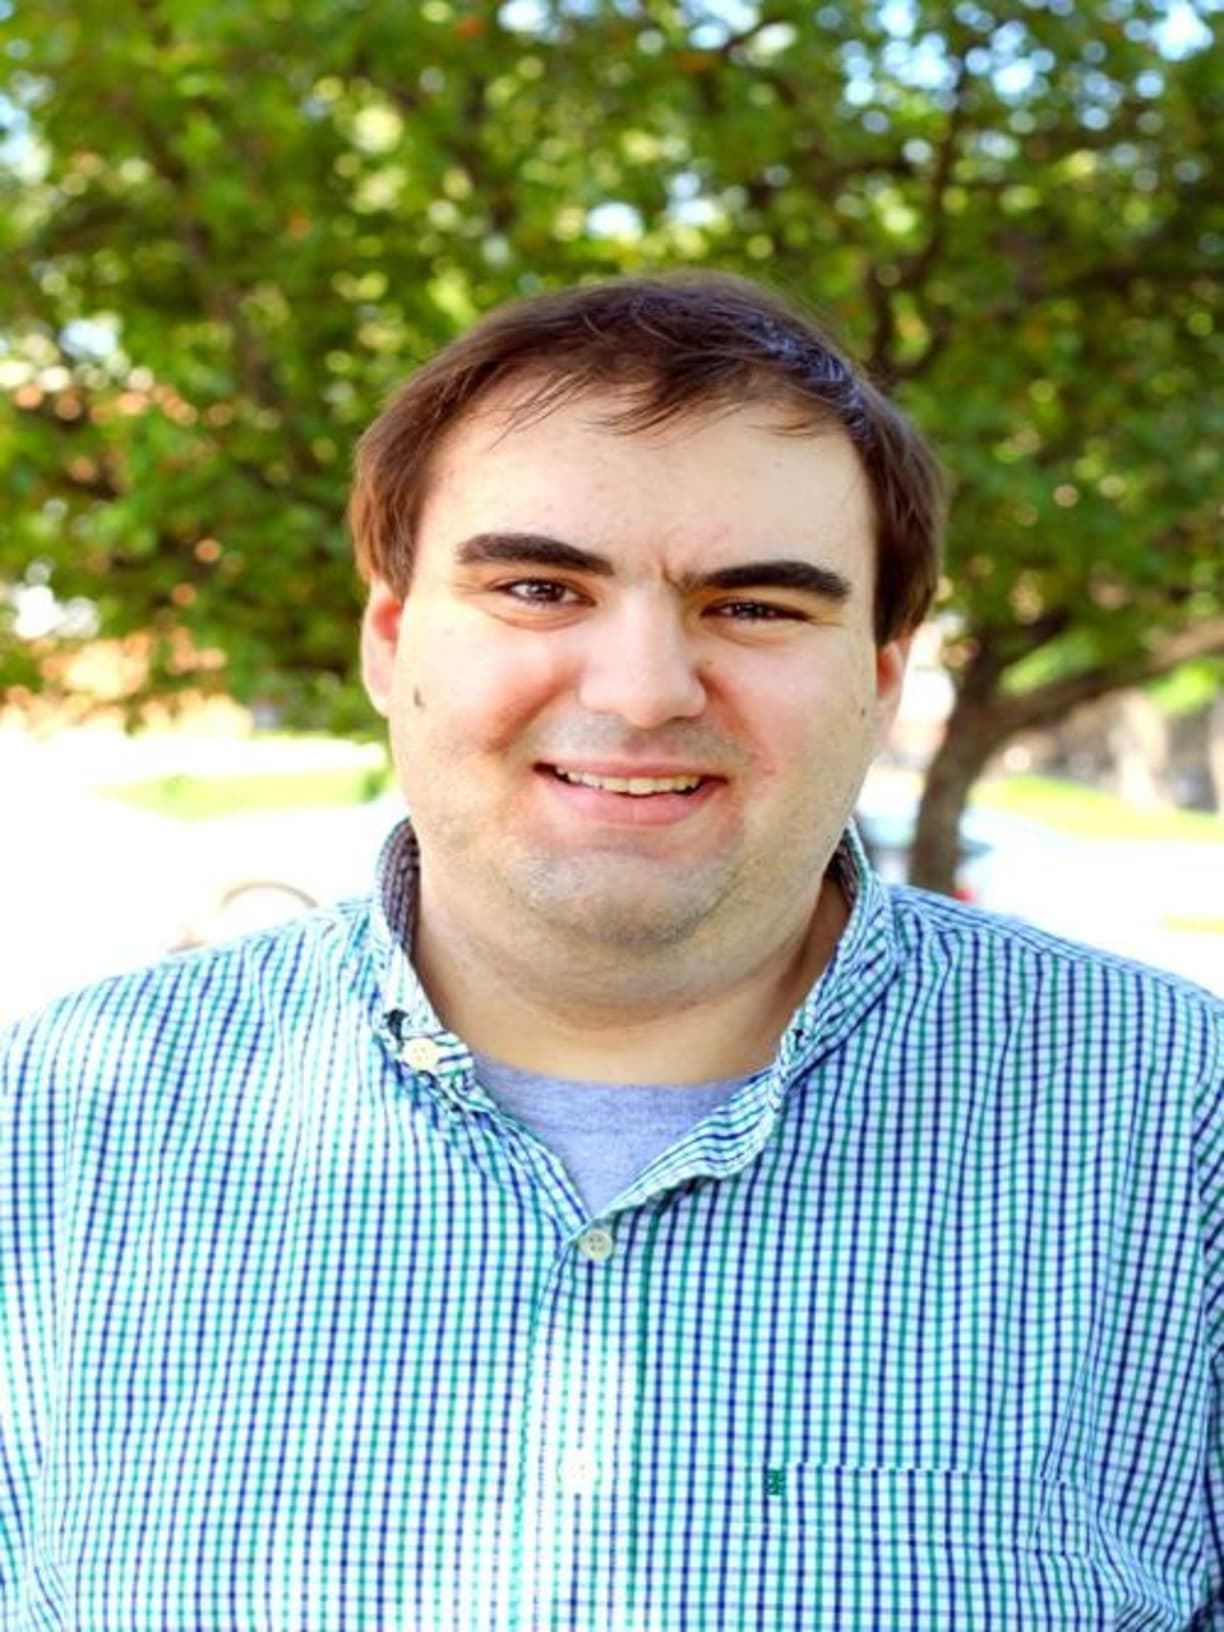 Geoff-Woehlk-w1224.jpg